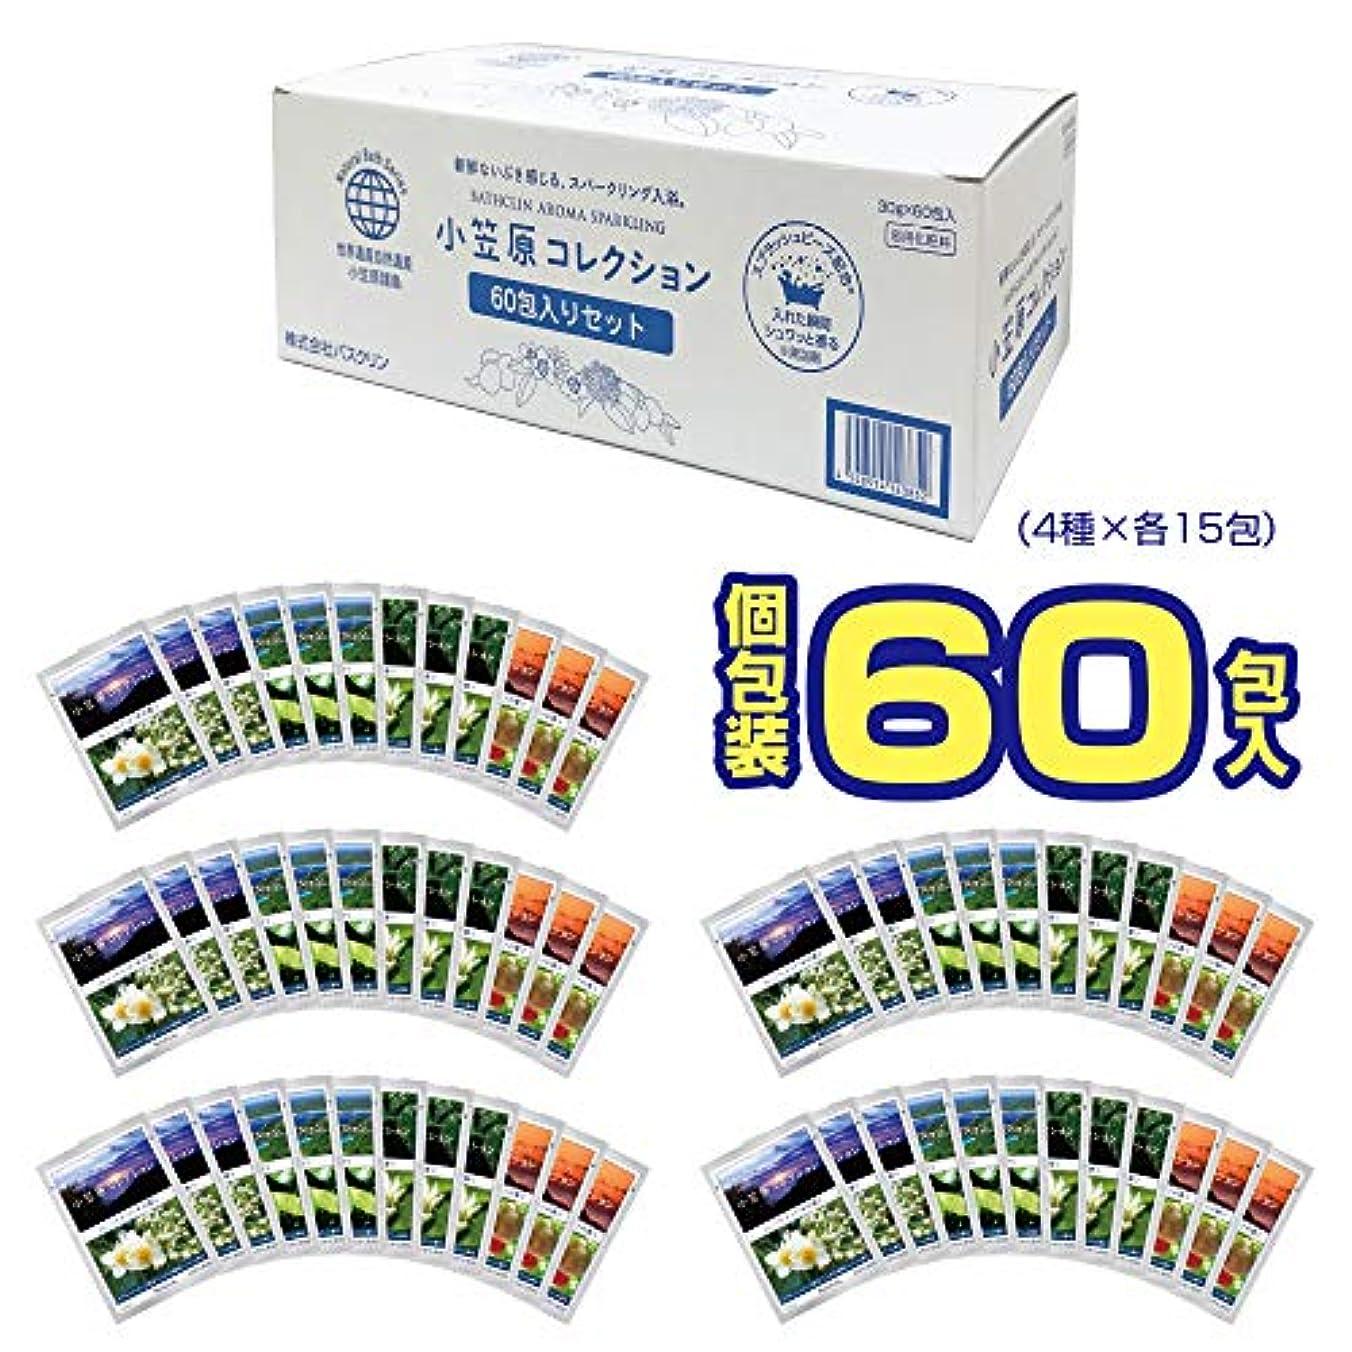 【医薬部外品/大容量】バスクリン 入浴剤 アロマスパークリング 小笠原コレクション 30g× 60包入り 個包装 詰め合わせ